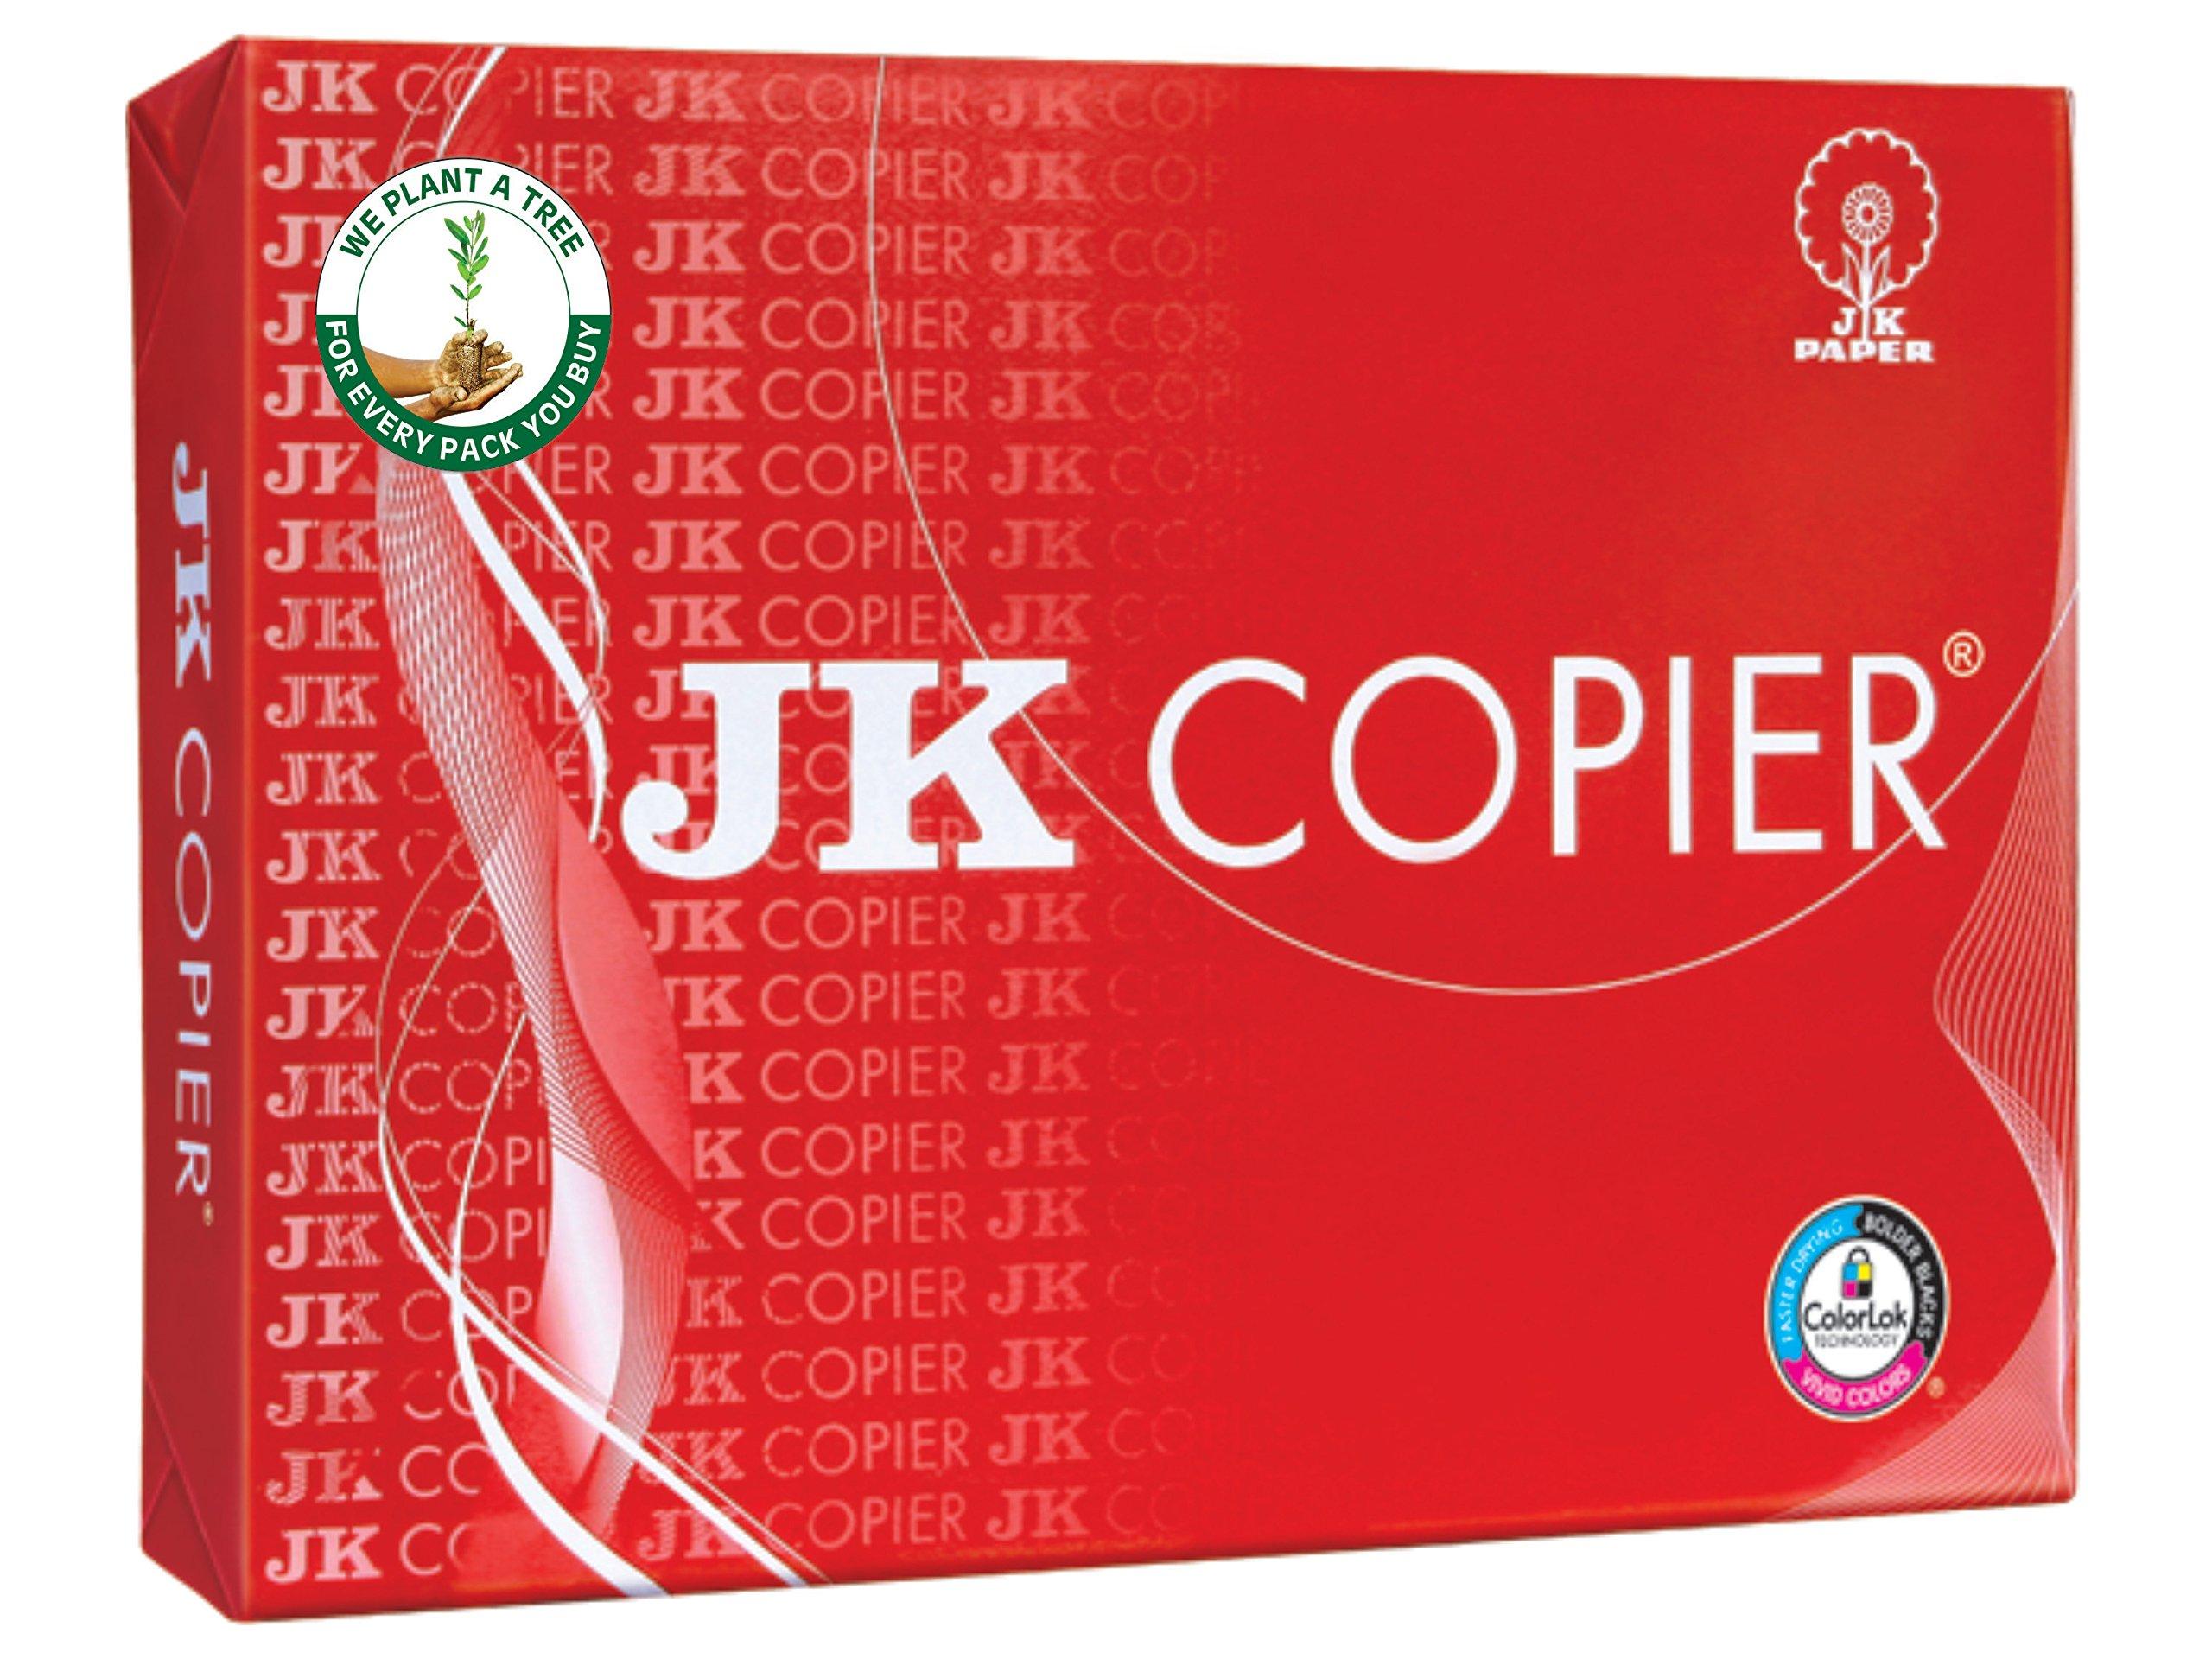 JK Copier 75 GSM A4 500 Sheets Copier Paper Box (5 Reams) product image